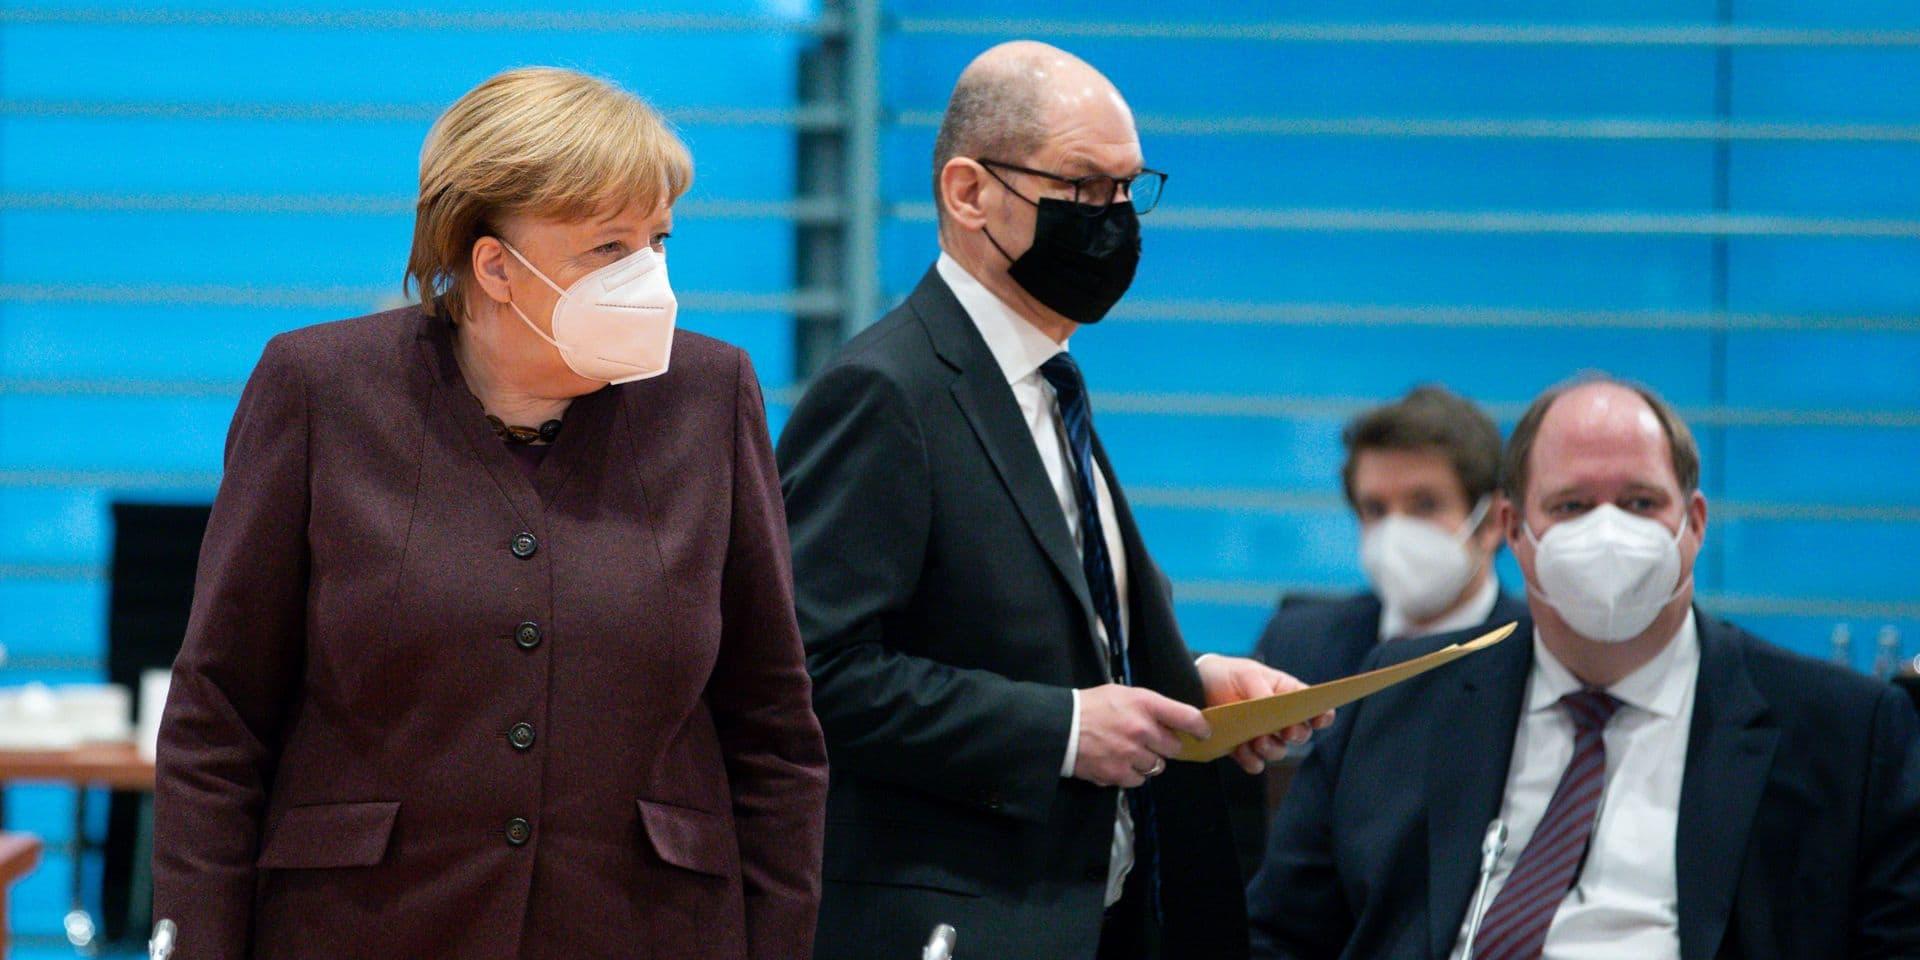 Le gouvernement allemand veut prolonger les restrictions sanitaires jusqu'au 14 mars